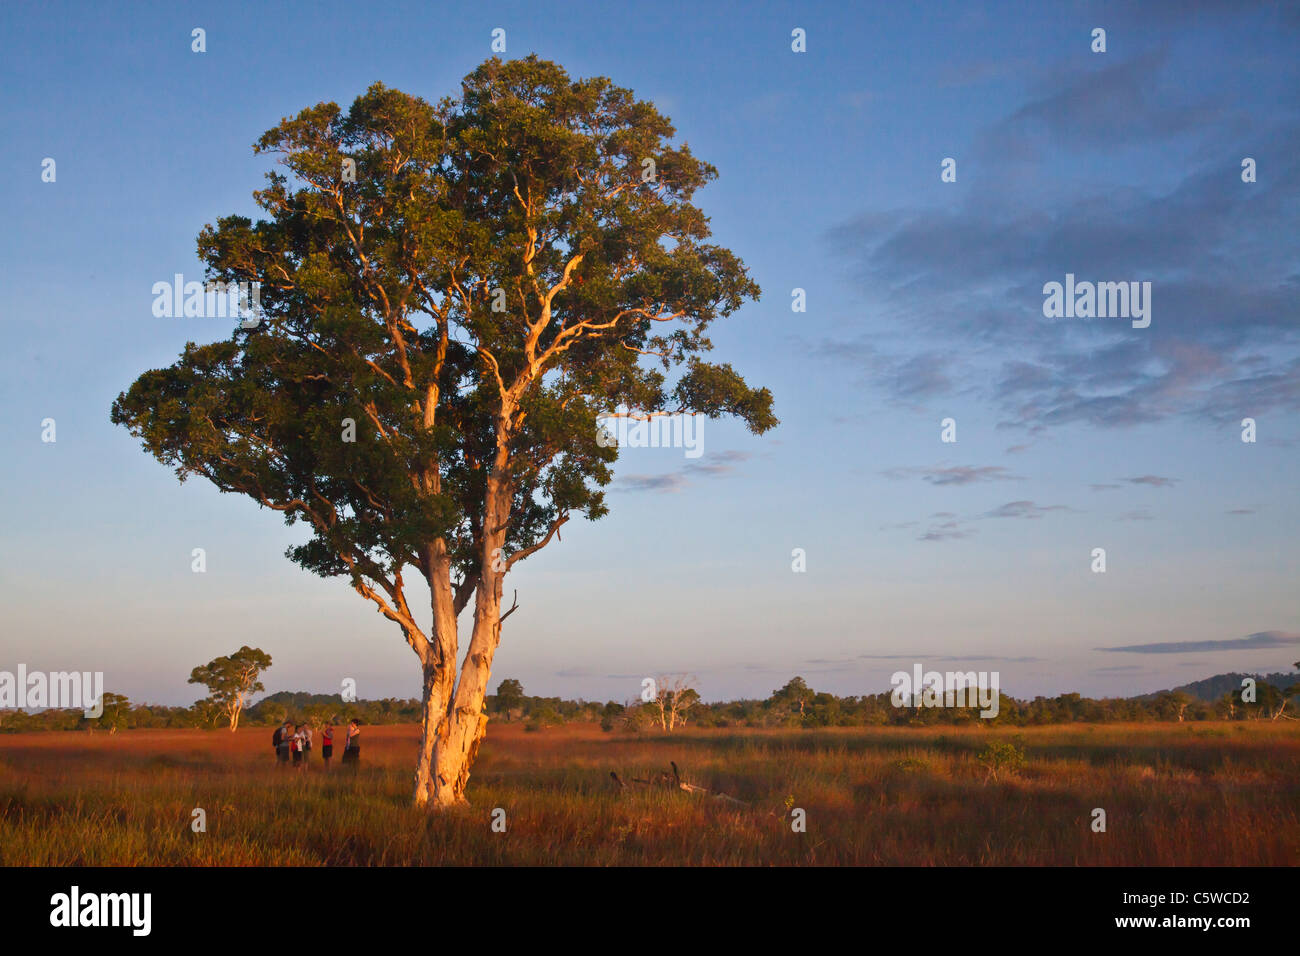 Les touristes au lever du soleil dans l'écosystème de savane unique de KOH PHRA THONG, THAÏLANDE Photo Stock